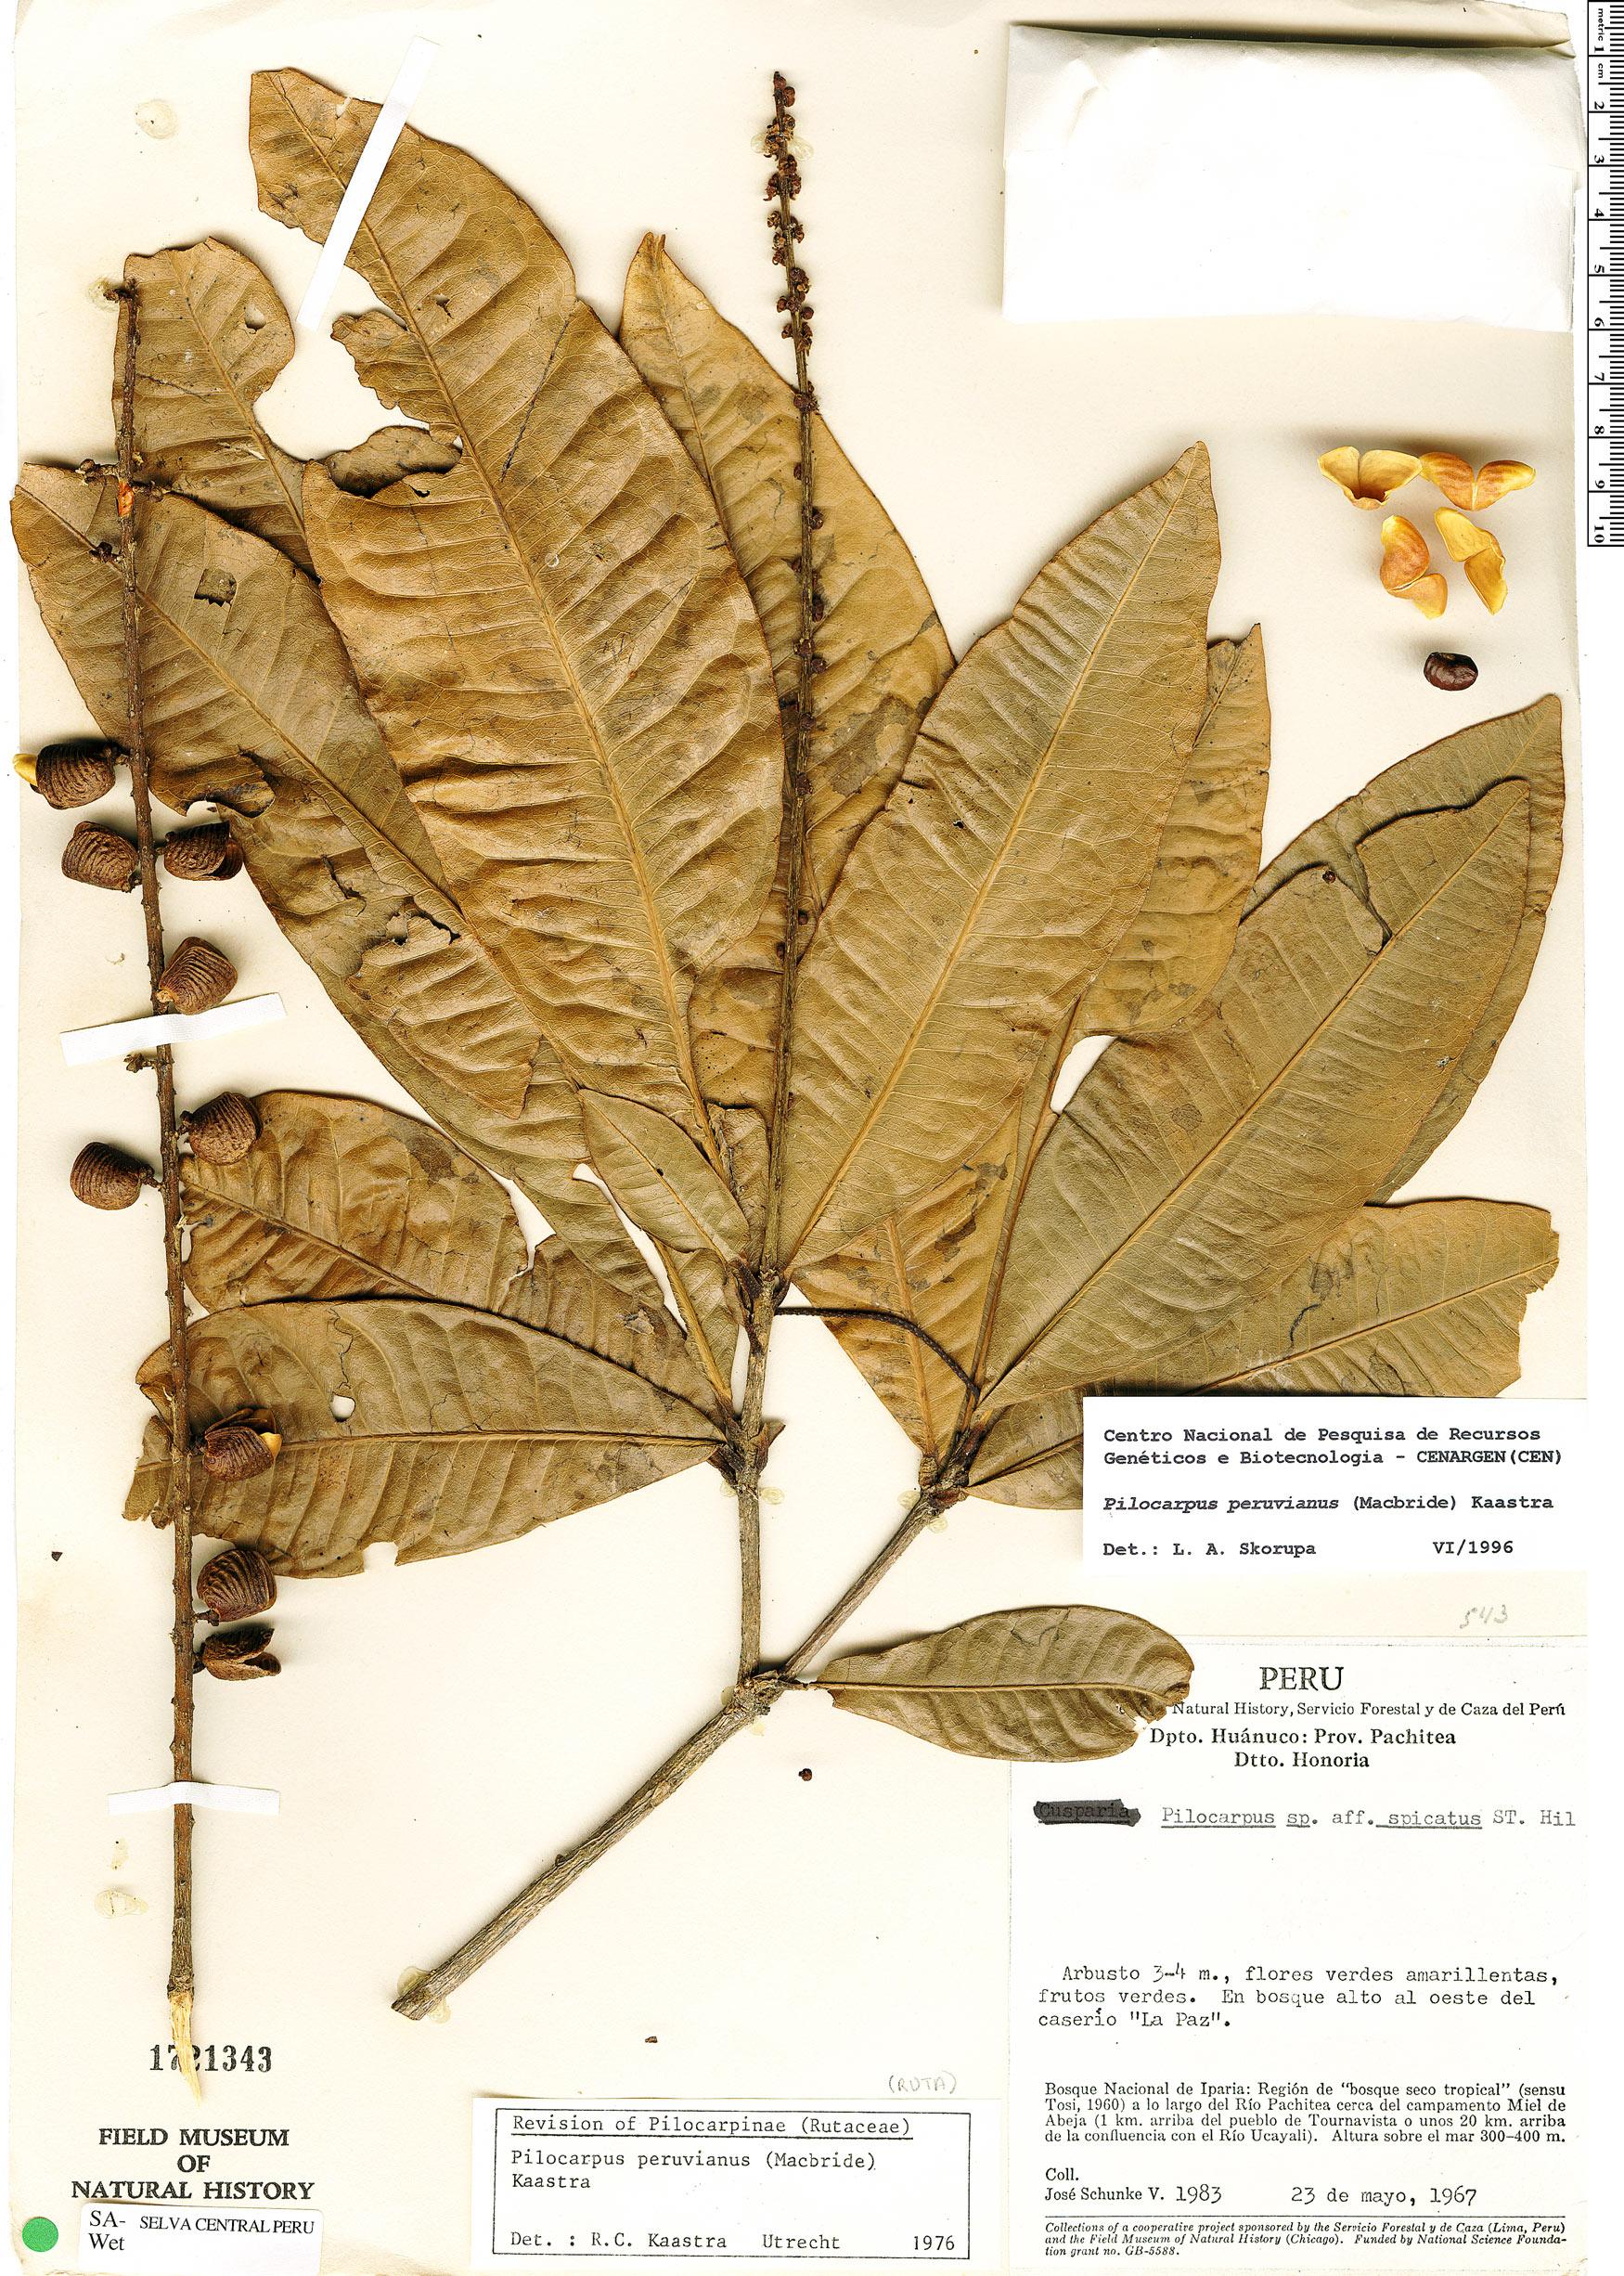 Specimen: Pilocarpus peruvianus